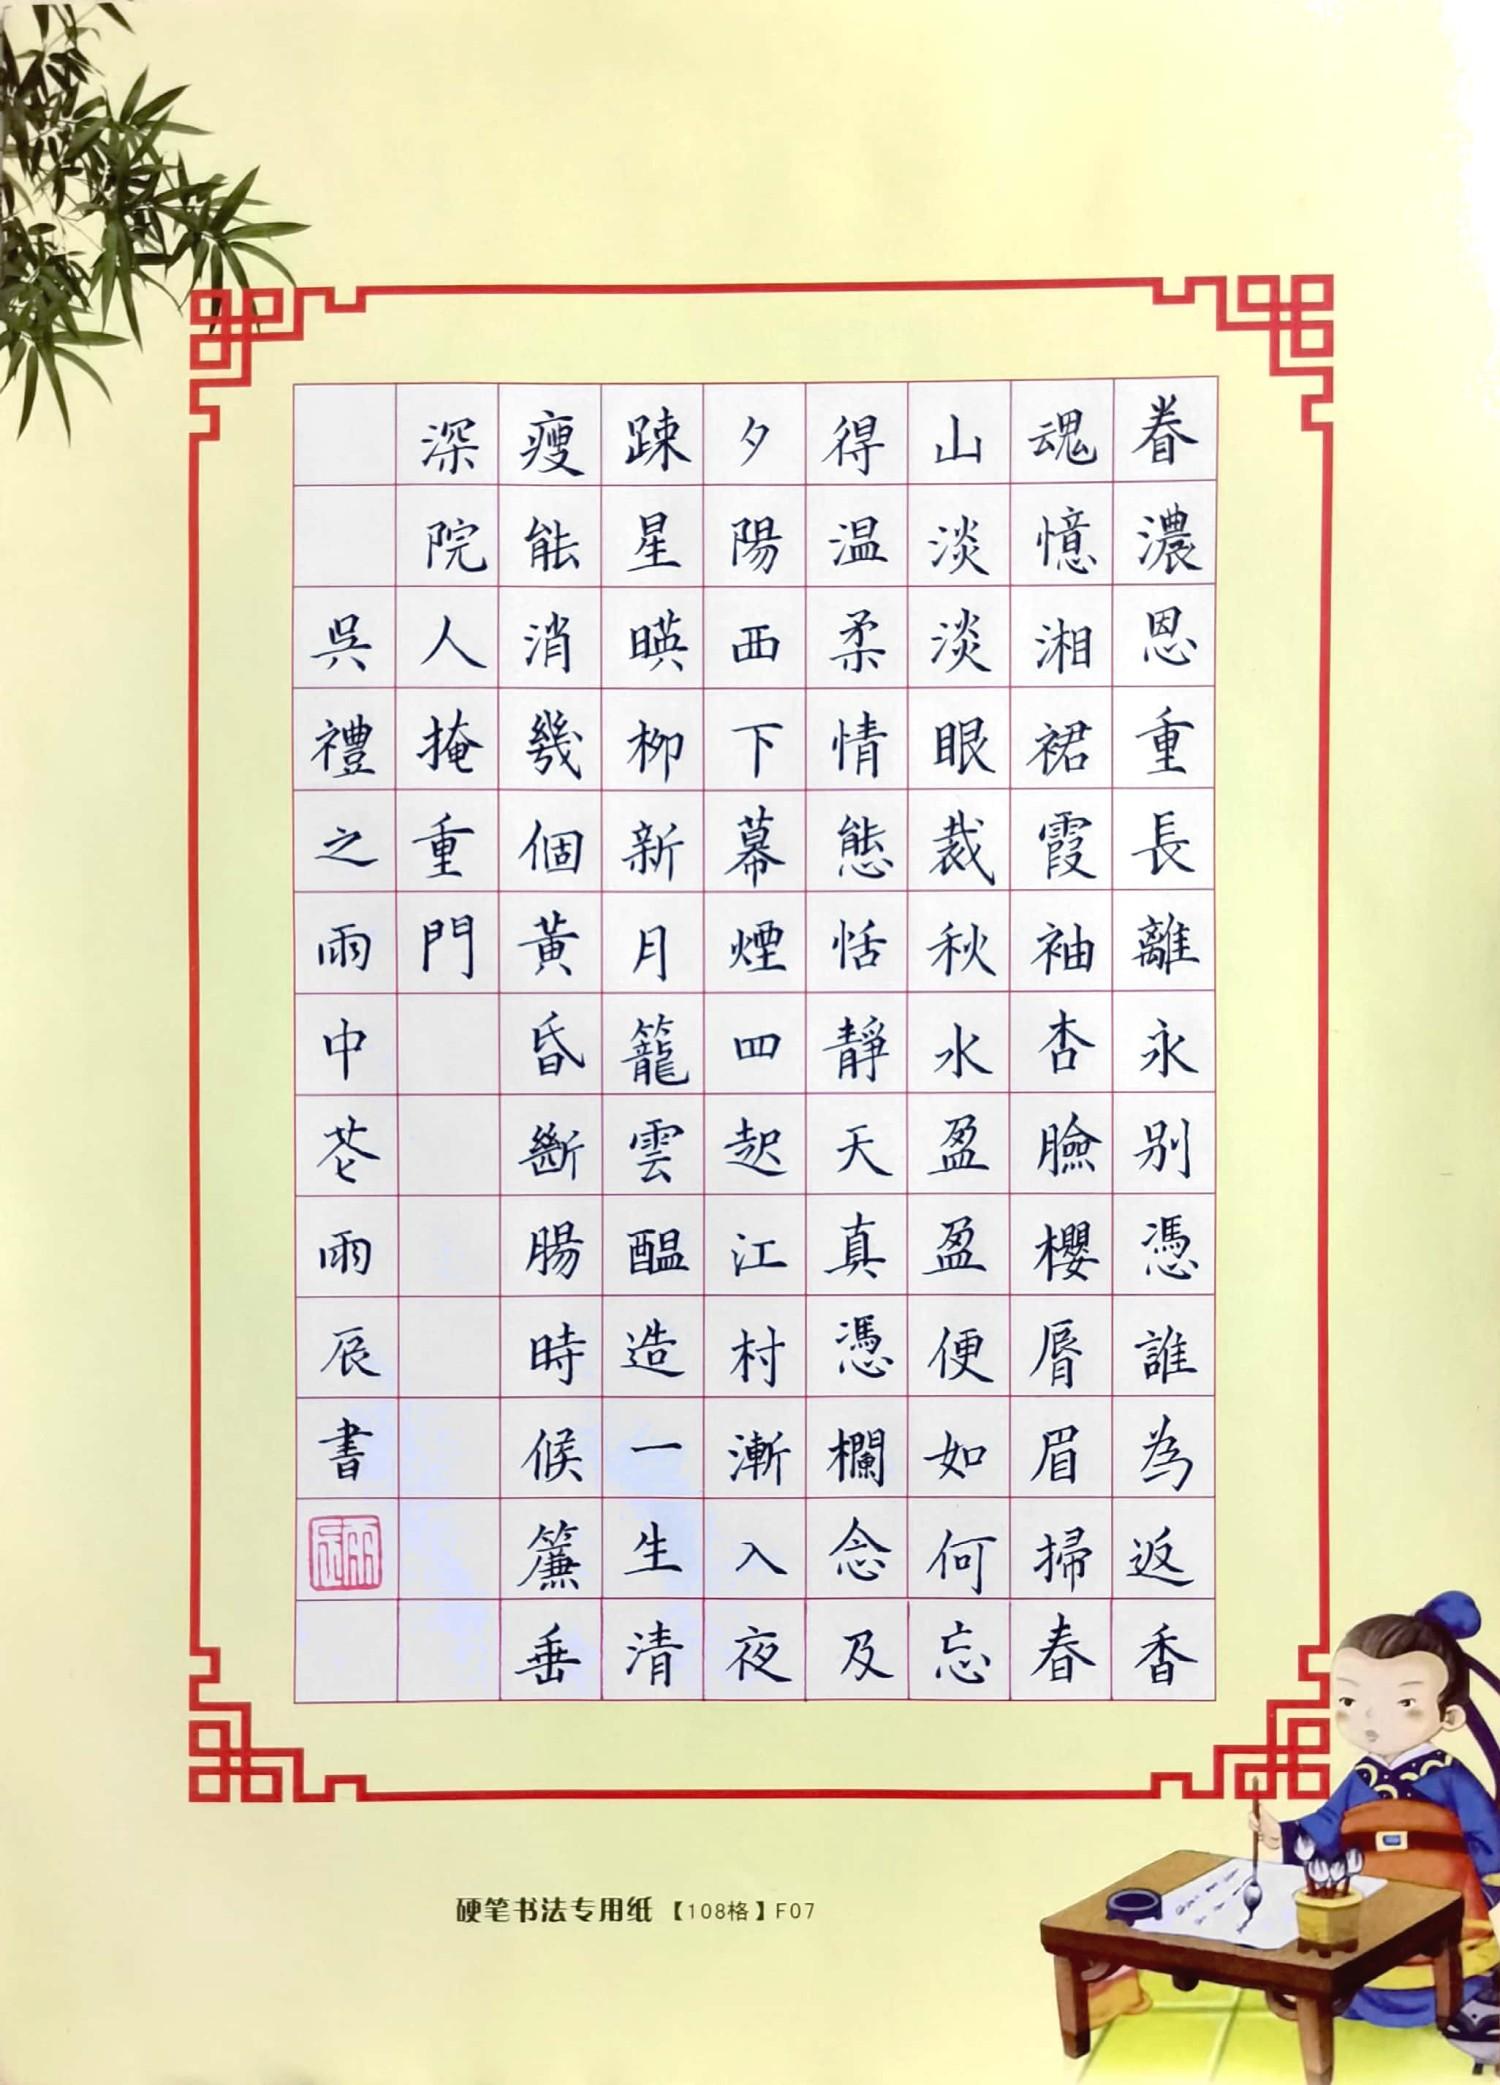 钢笔书法练字打卡20210518-36